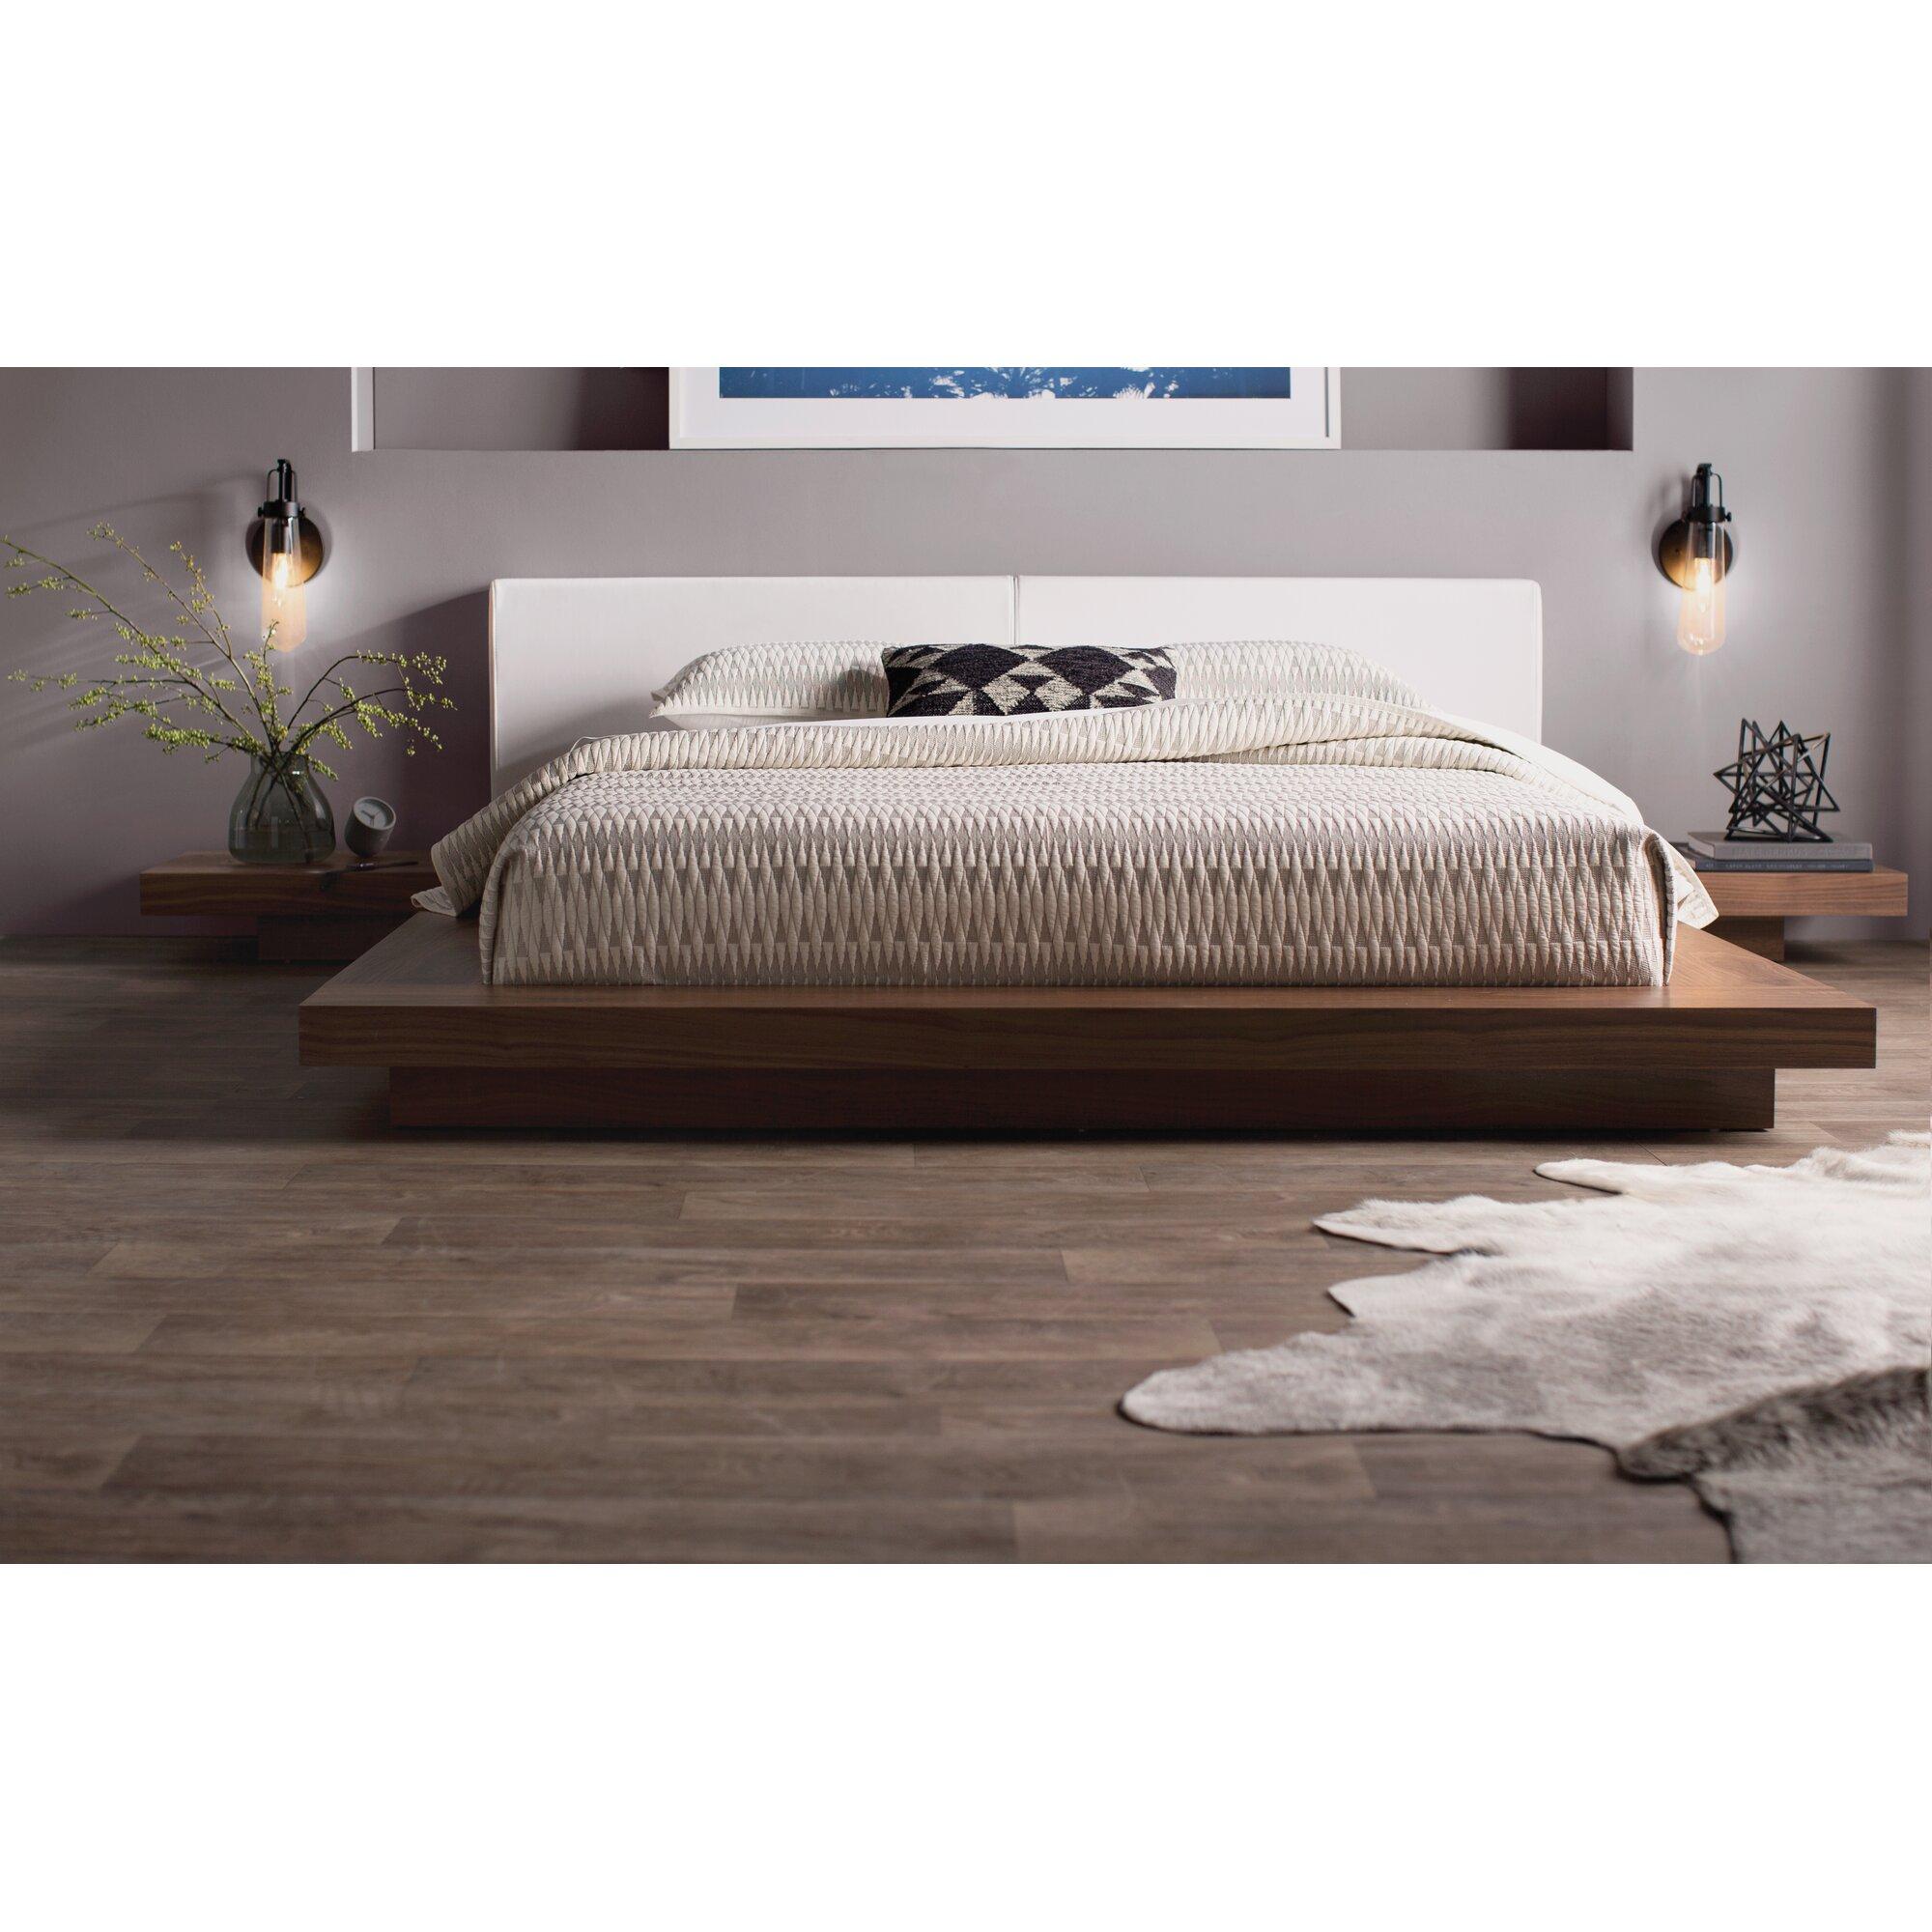 Modloft Sloan Upholstered Platform Bed